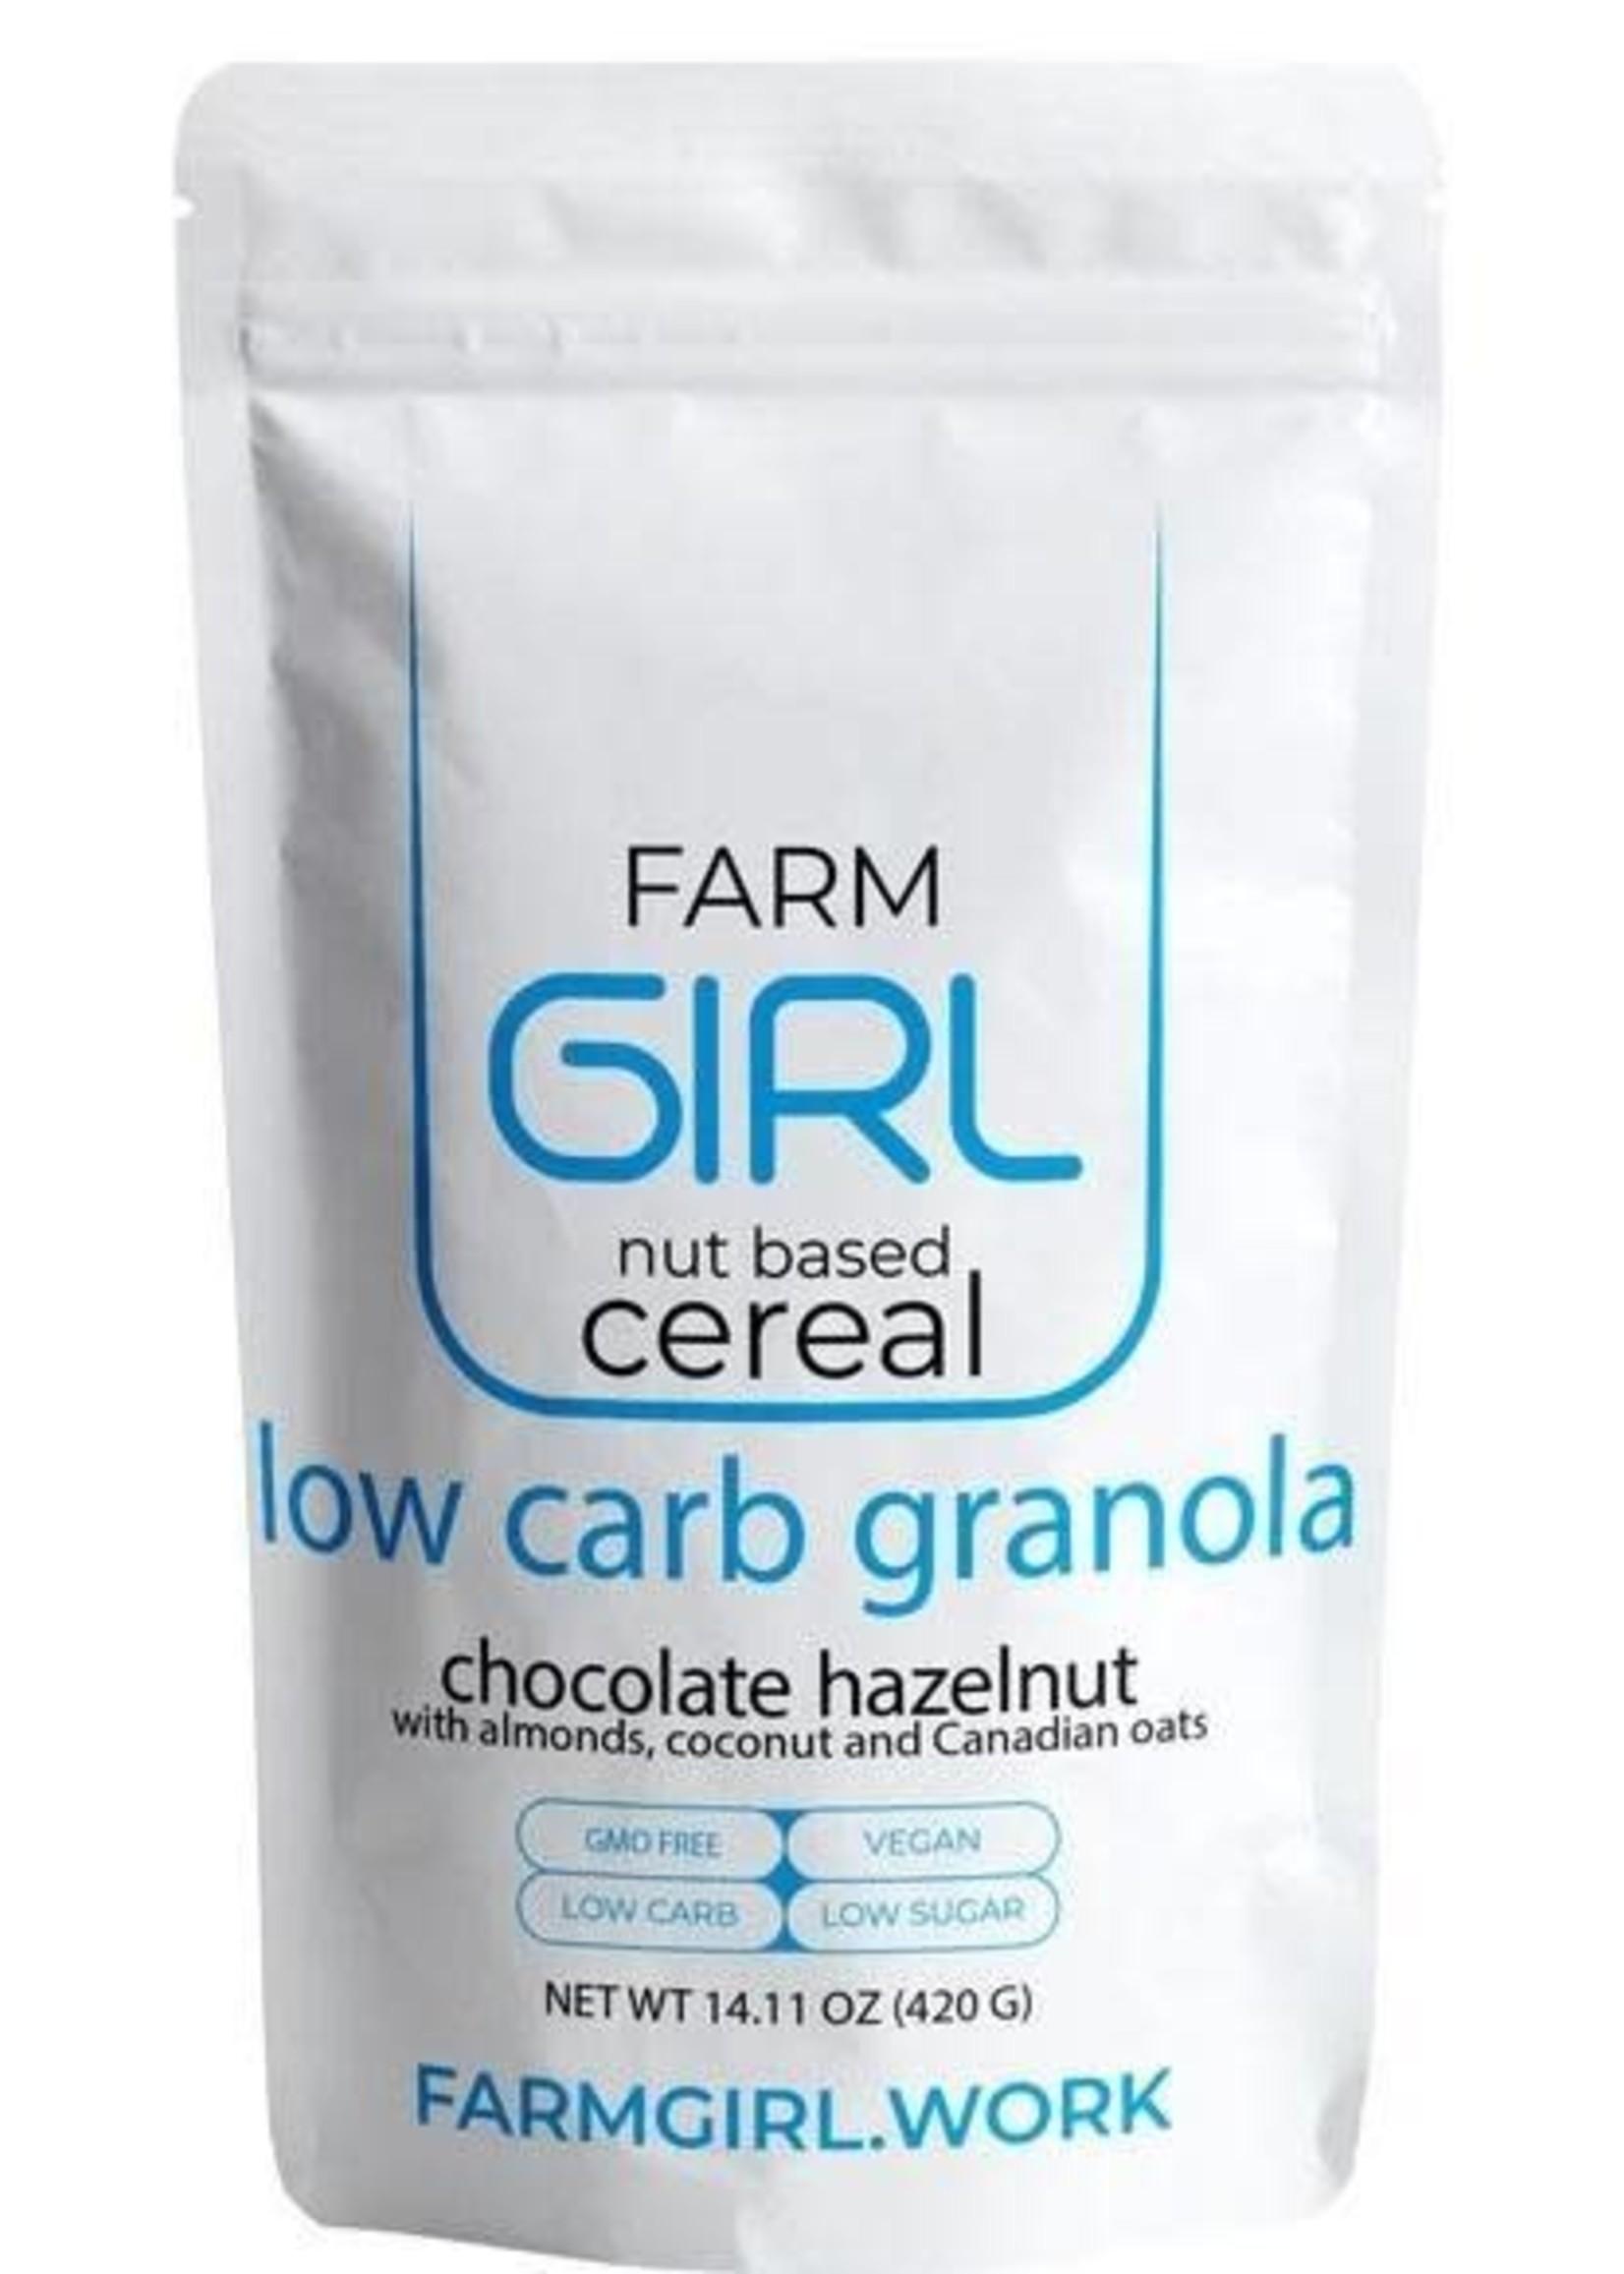 Farm Girl Farm Girl Chocolate Hazelnut Ketocrunch